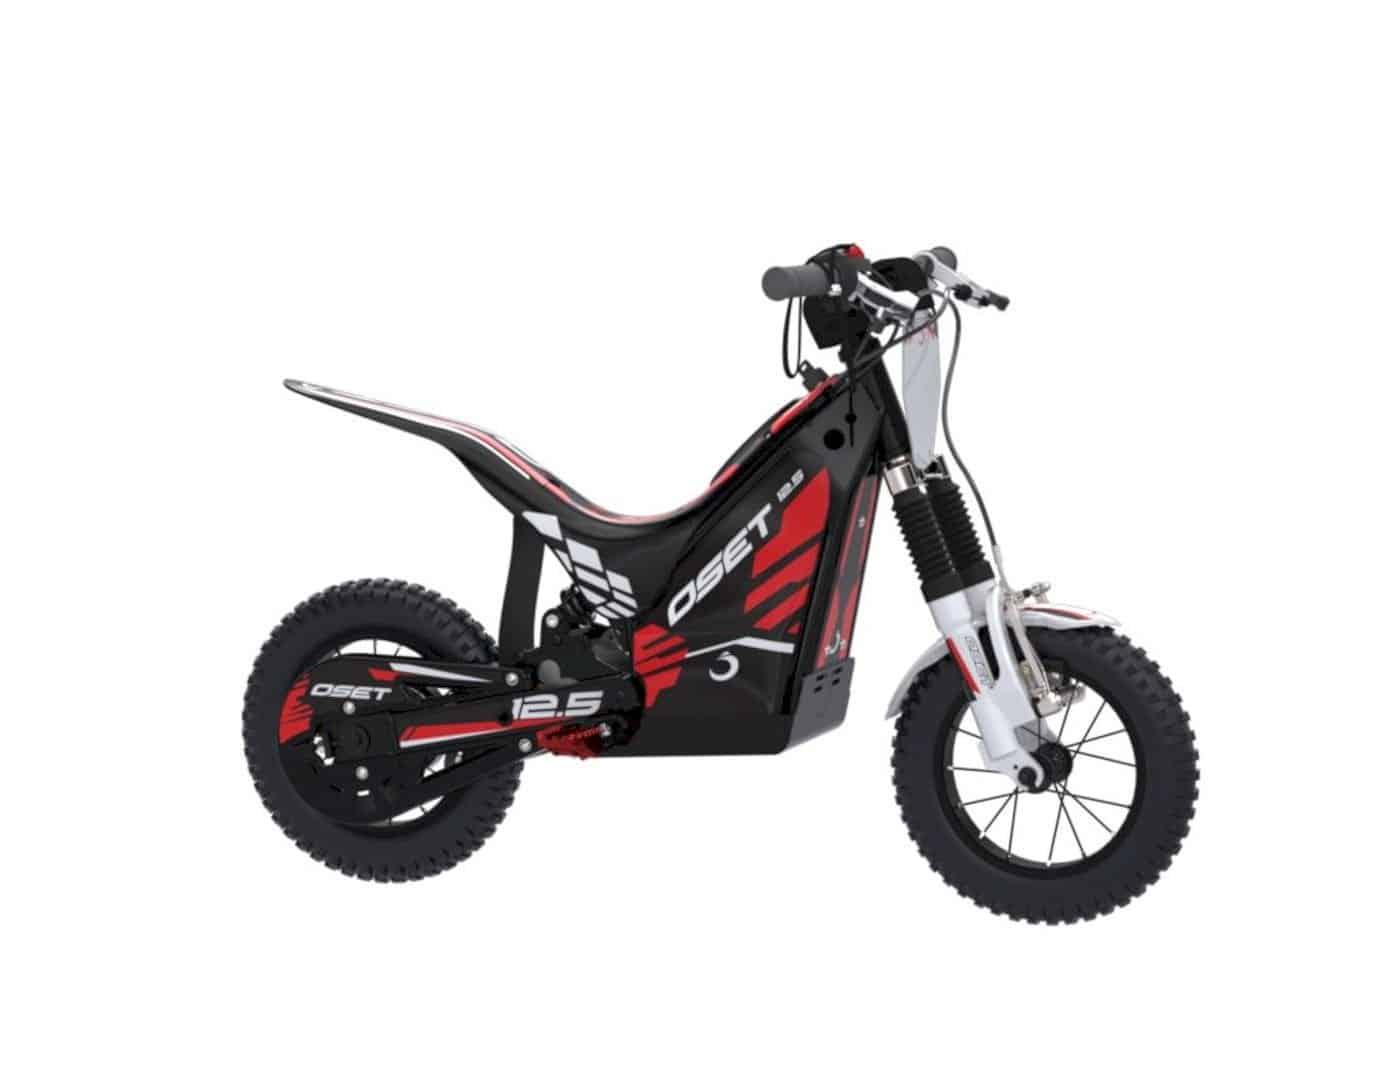 Oset 12 5 Eco 24v Bike 4